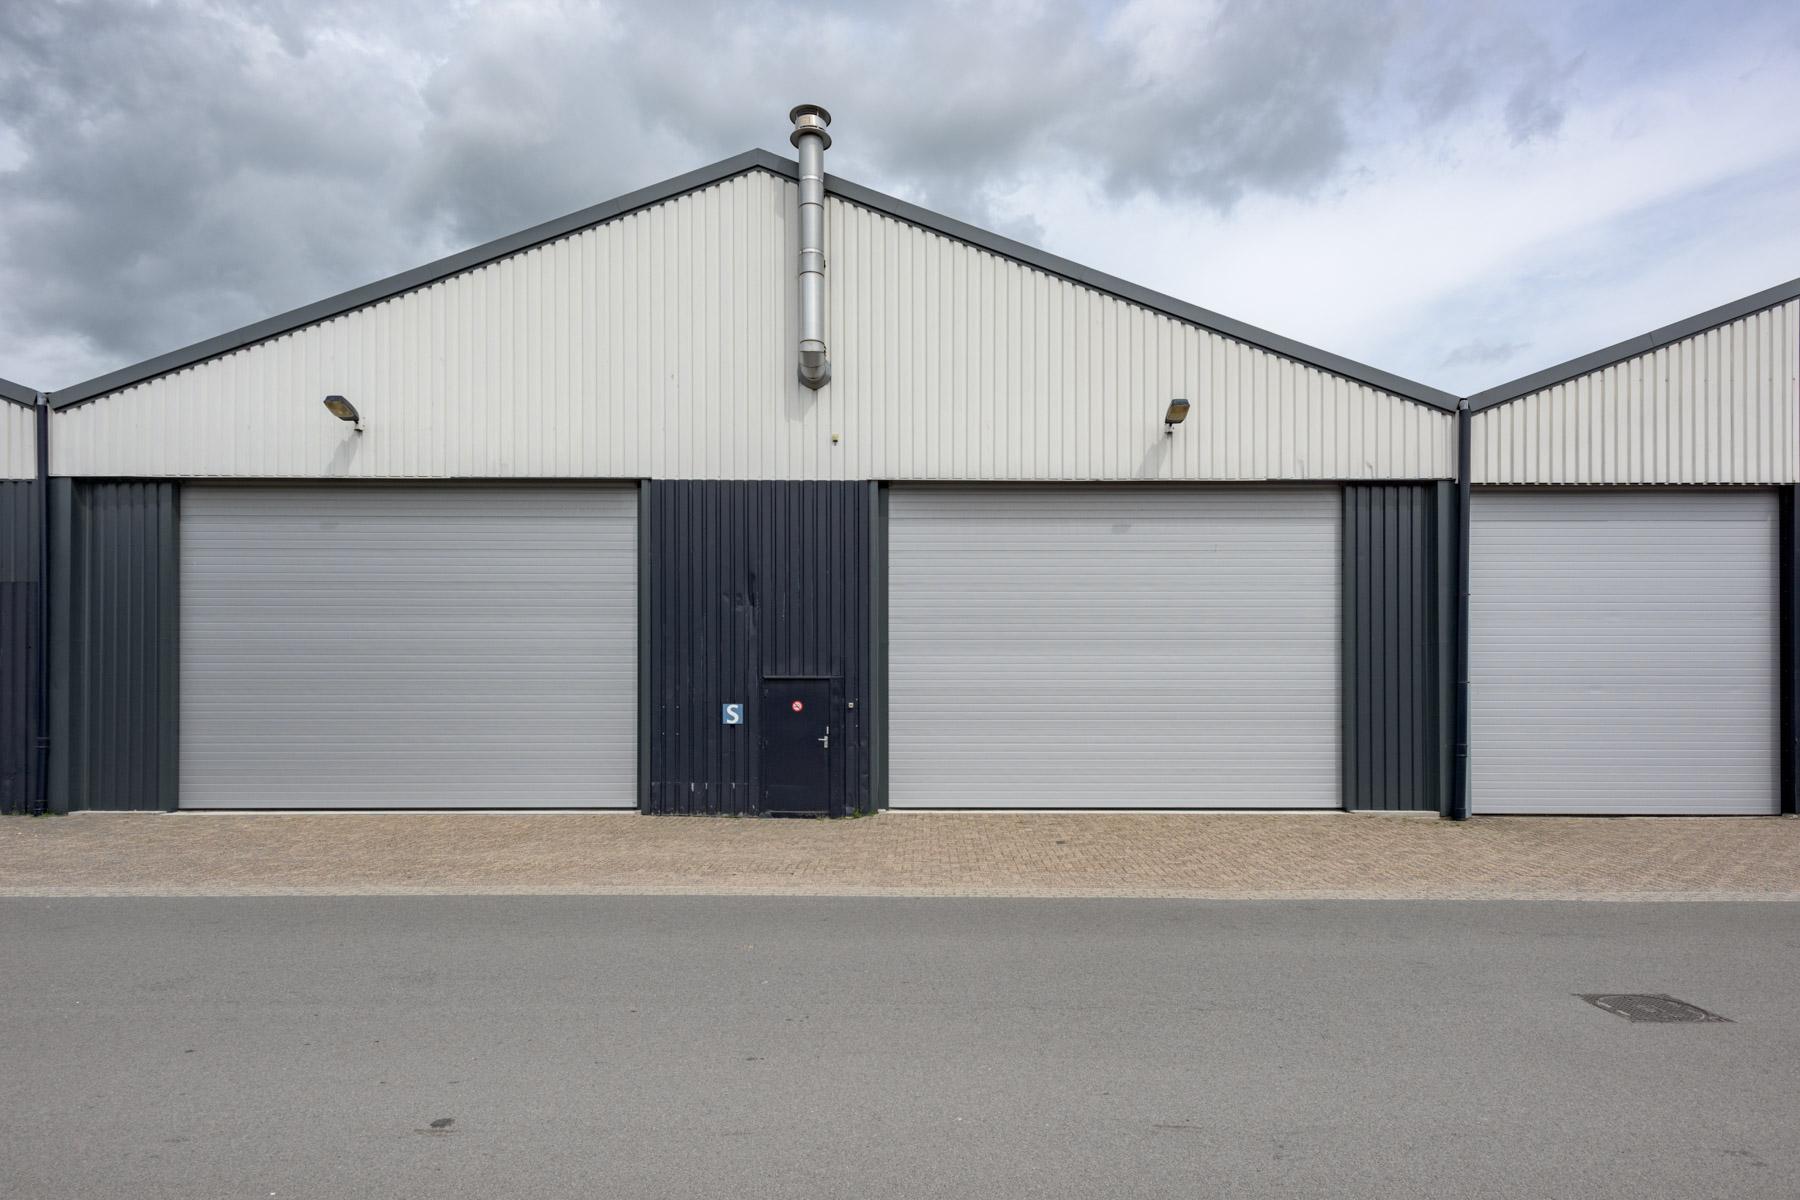 Bedrijfsdeuren: Sectionaaldeur grijs in gevel loods | Louwers Deurtechnieken